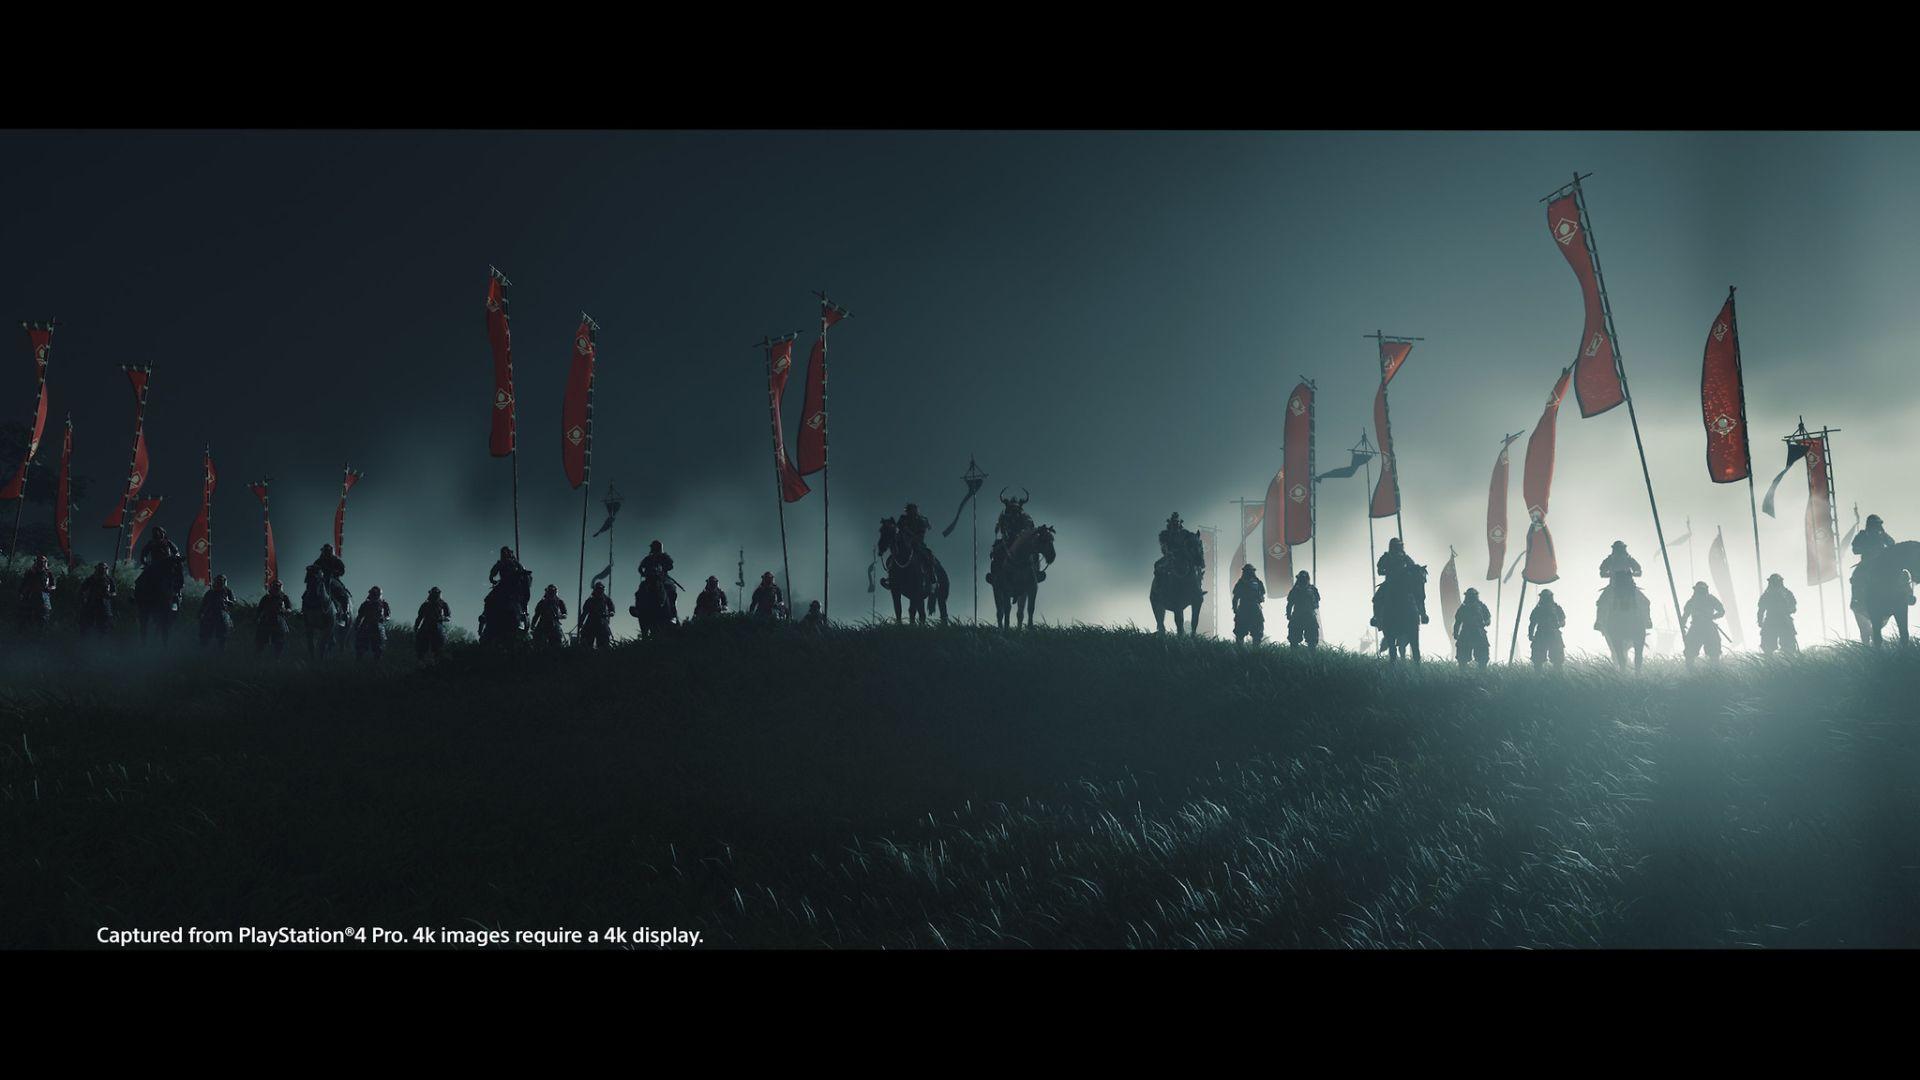 تصویری هنری از بازی Ghost of Tsushima